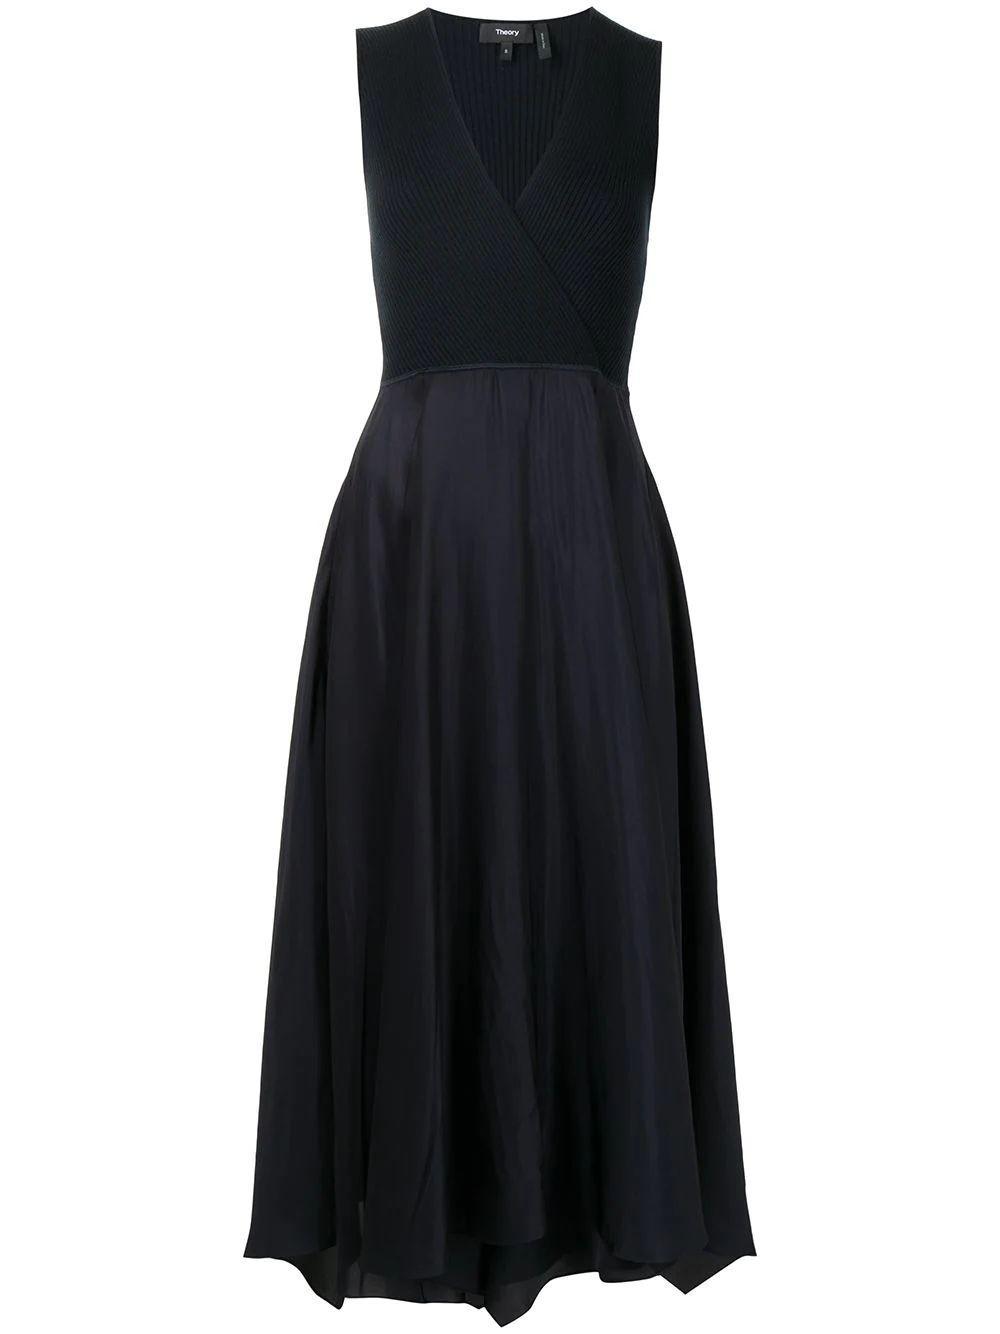 Rib Knit Bodice Dress Item # L0106621